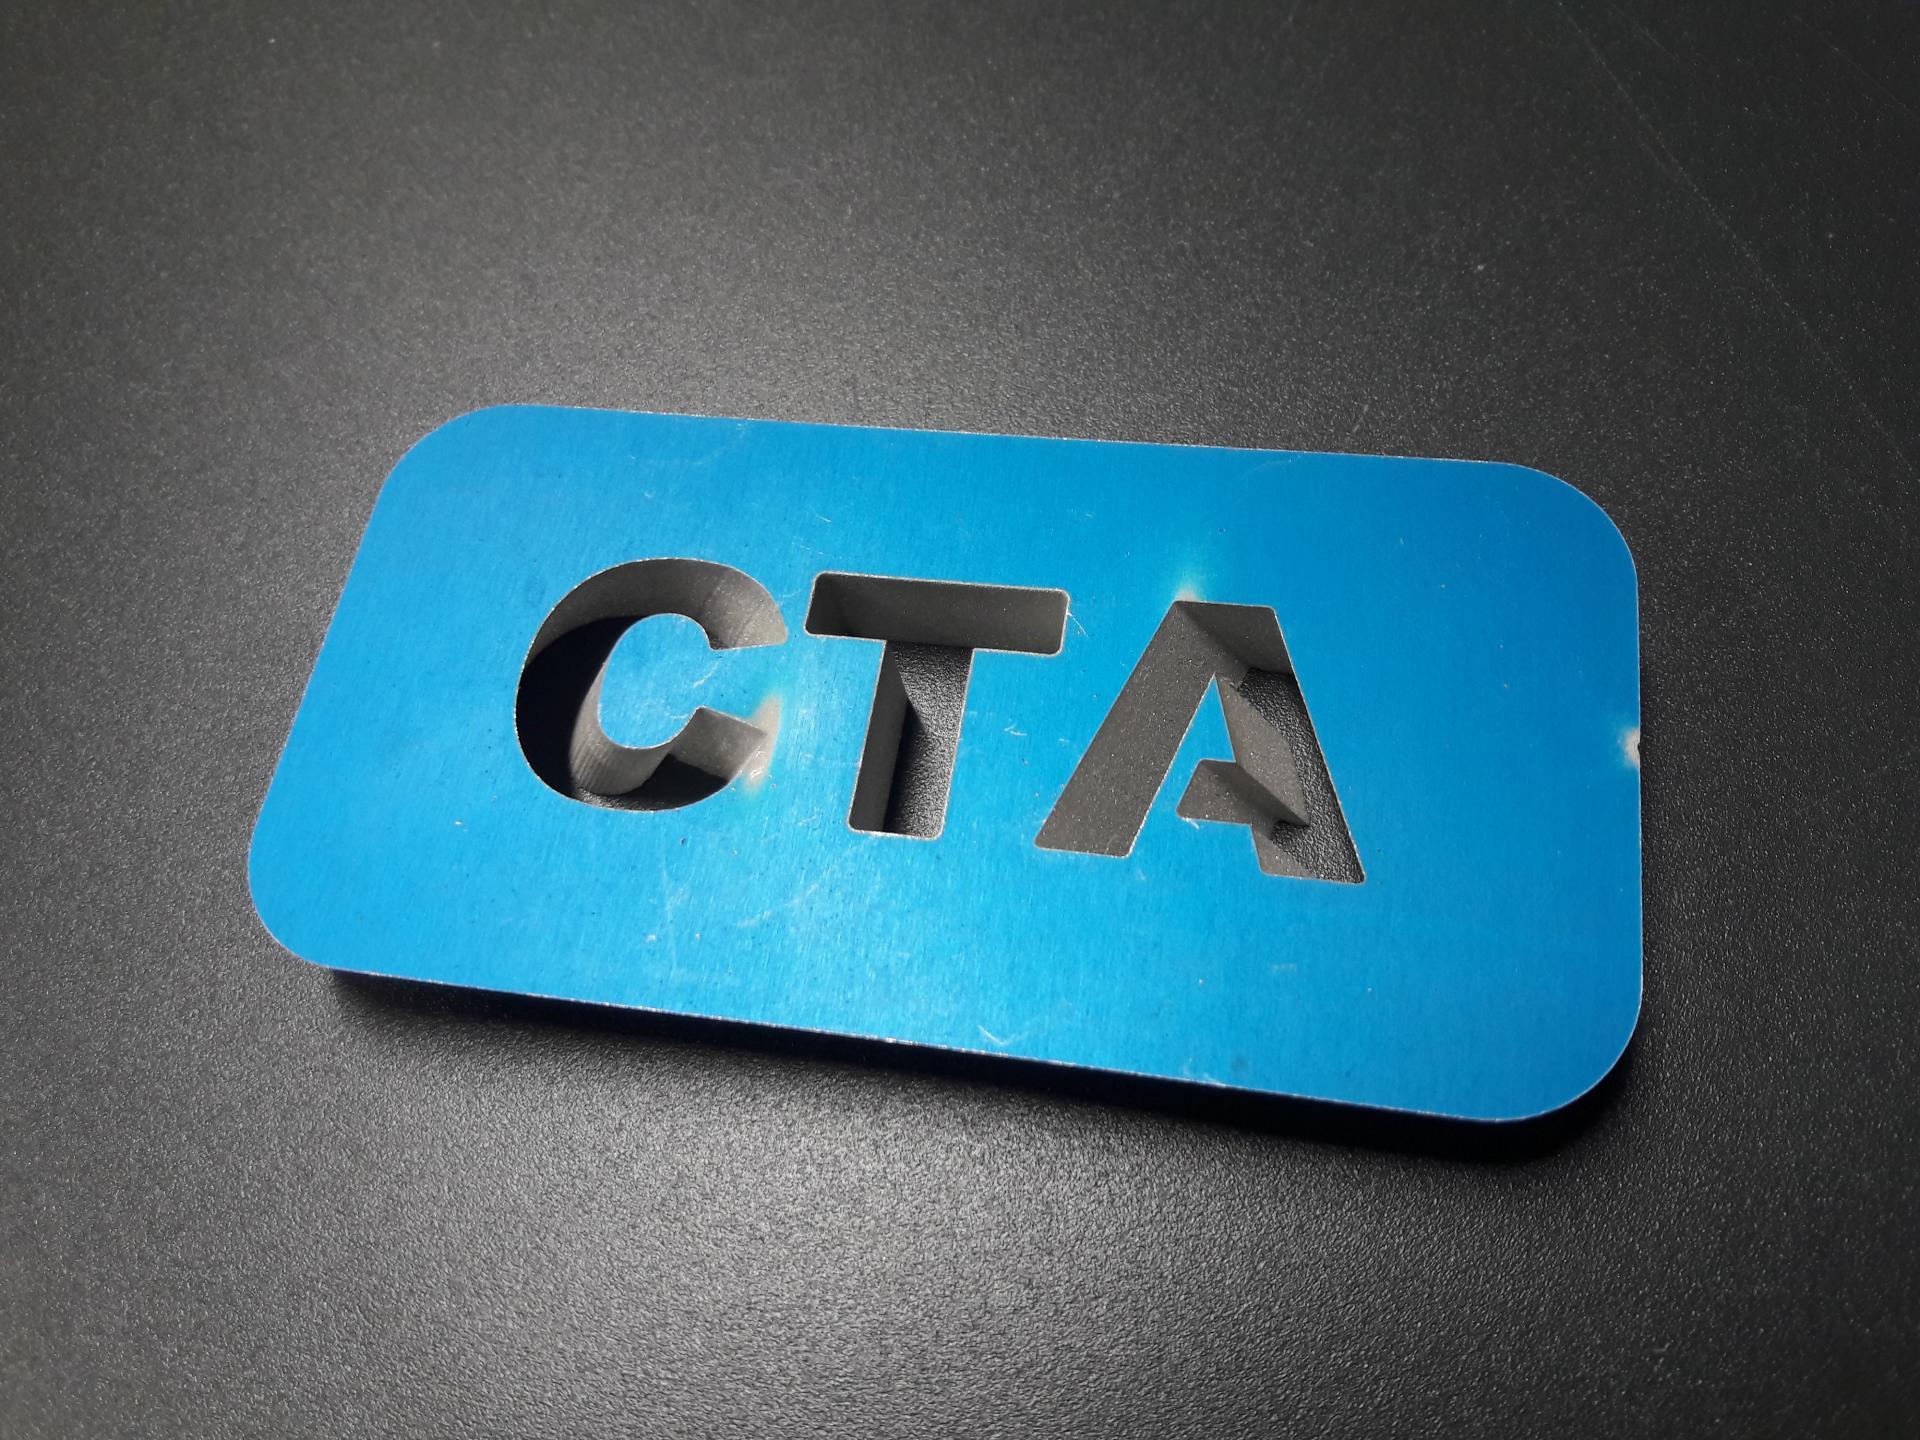 Découpe chanfreinée (2,5D) dans de l'aluminium de 8mm d'épaisseur.